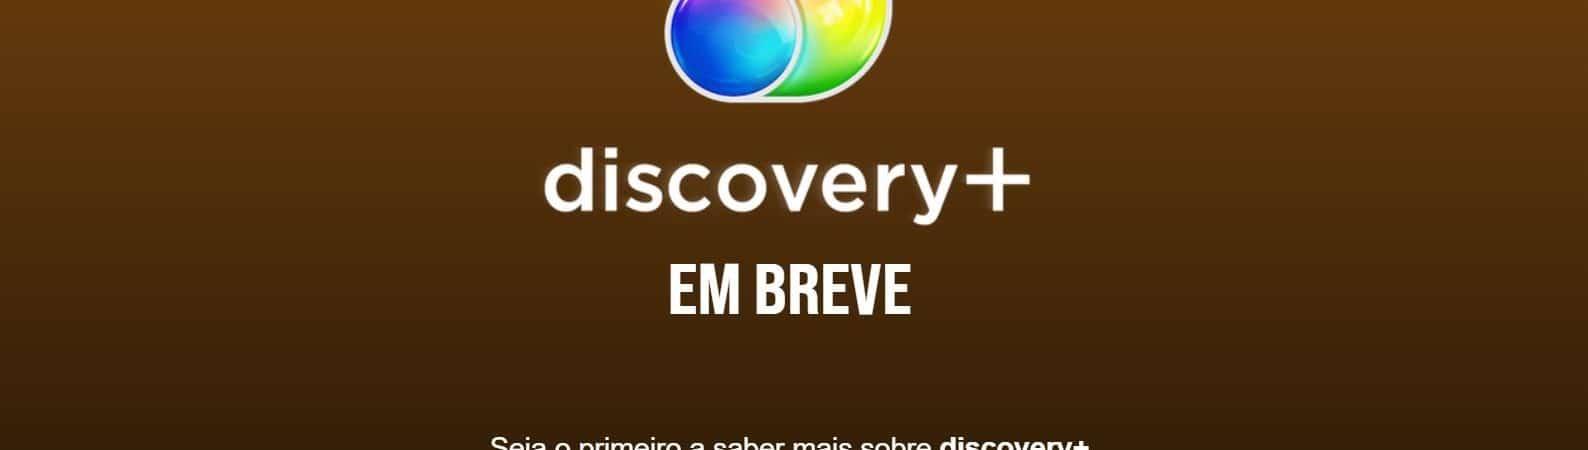 logotipo da discovery+